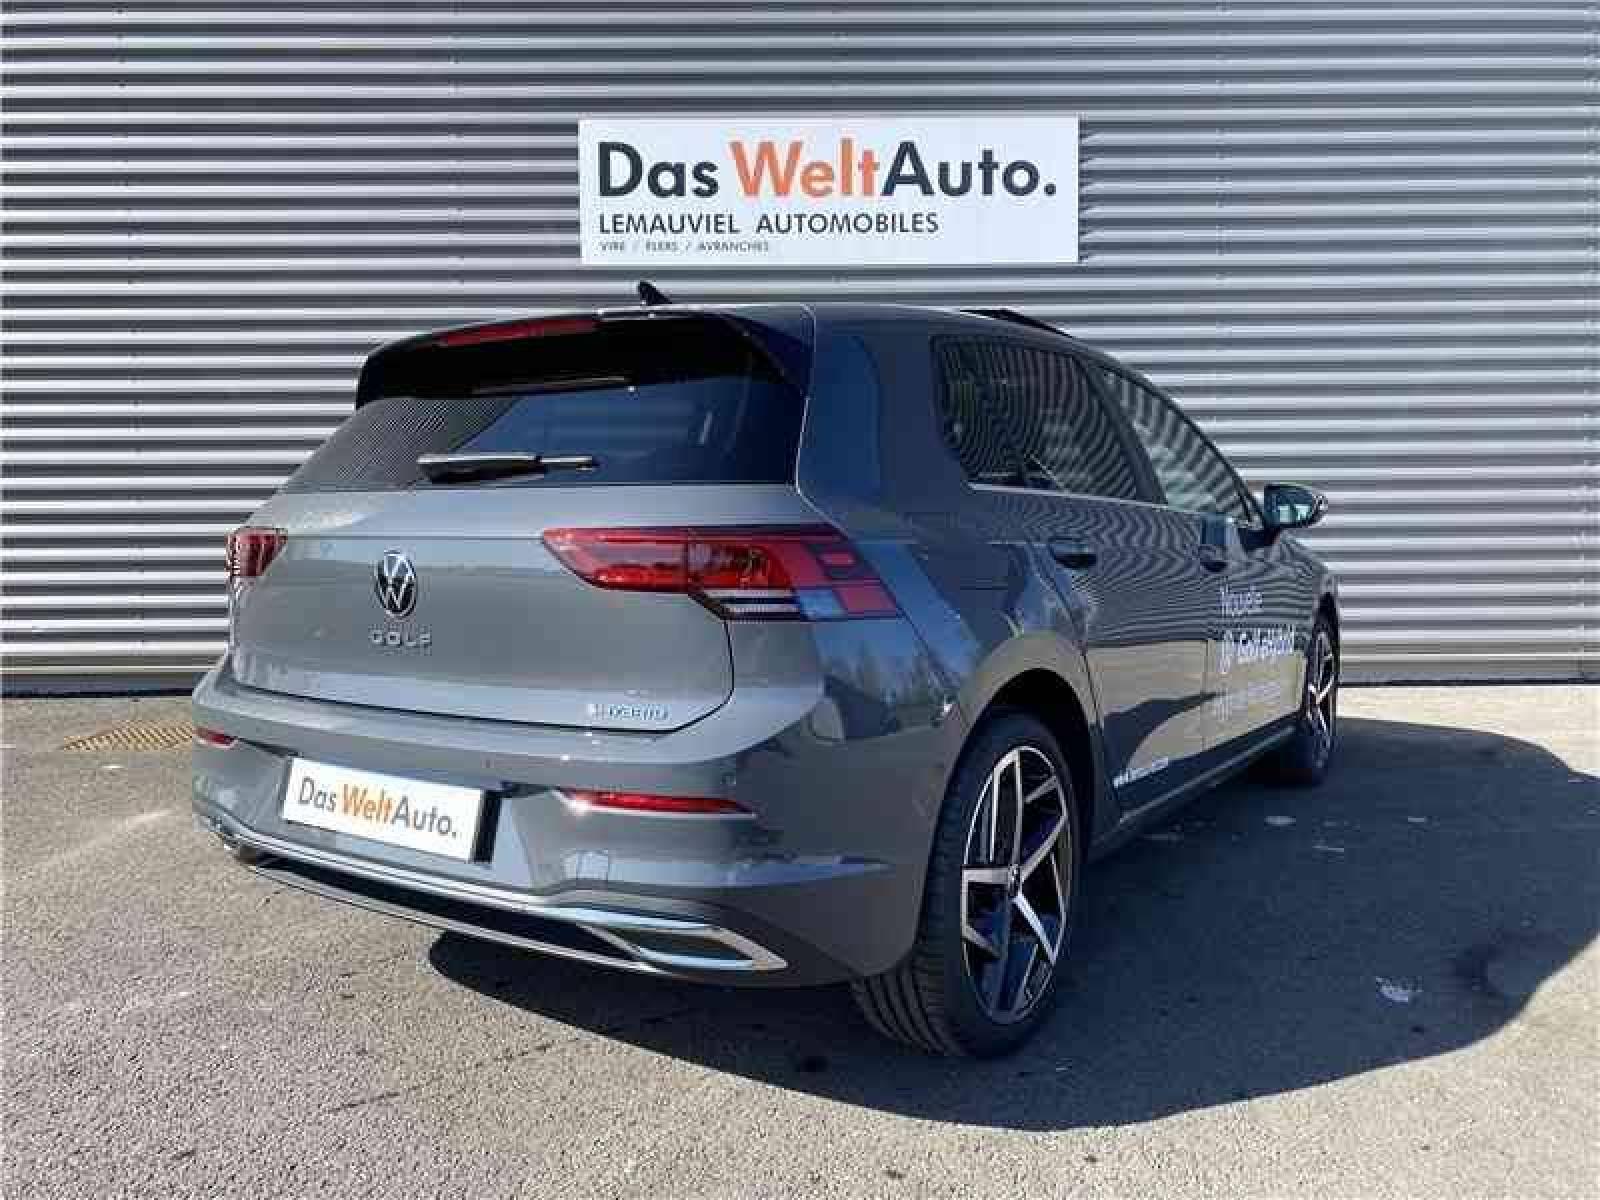 VOLKSWAGEN ID.3 145 ch - véhicule d'occasion - LEMAUVIEL AUTOMOBILES - Présentation site web V2 - Lemauviel Automobiles - VIRE - 14500 - VIRE - 4